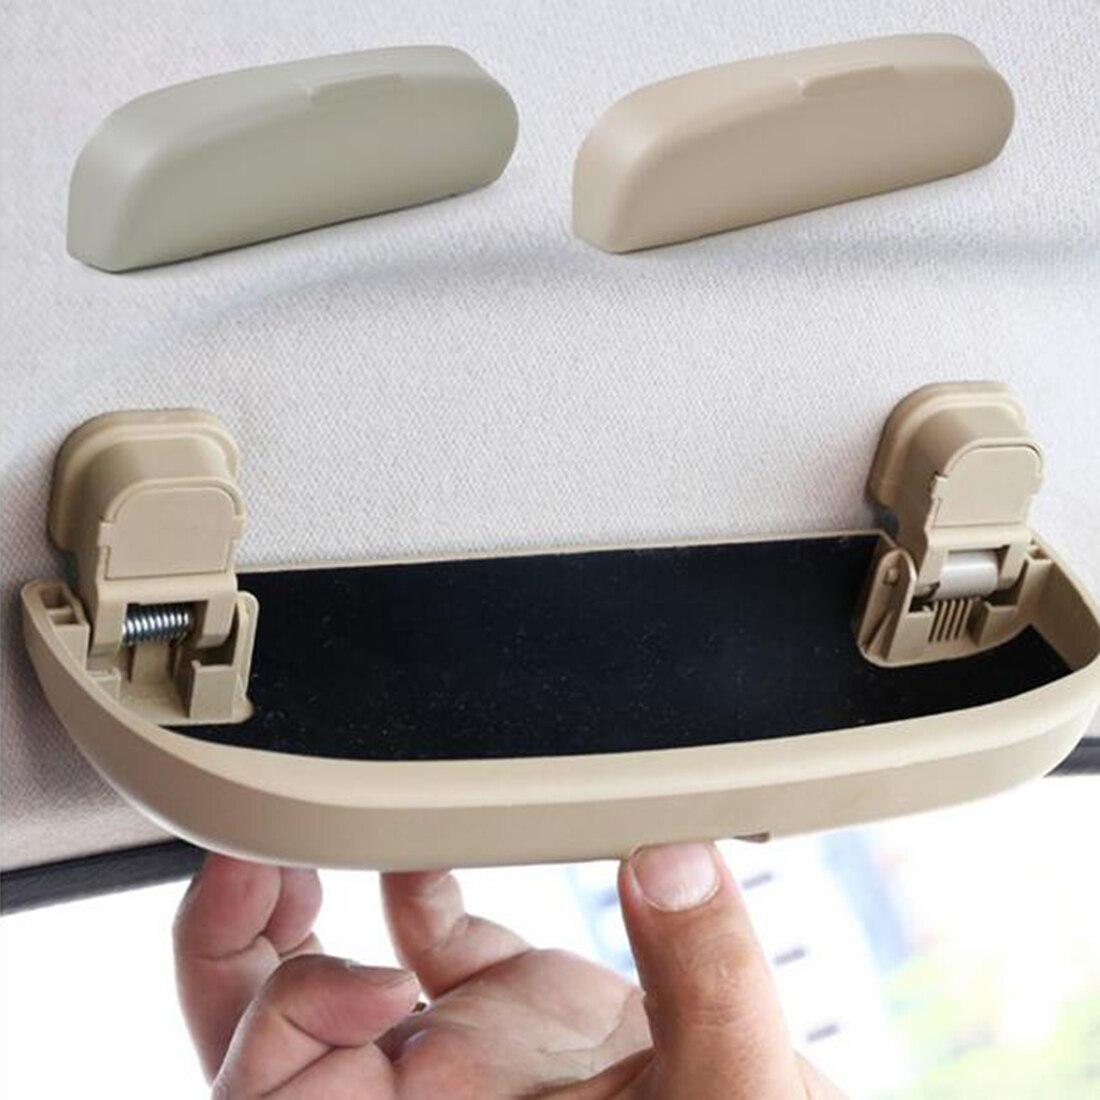 Dewtreetali 2018 Karstā pārdošana Noliktavu kaste Autos daļas Sunglass acu brilles turētāja kaste Jeep Renegade 2014 2015 2016